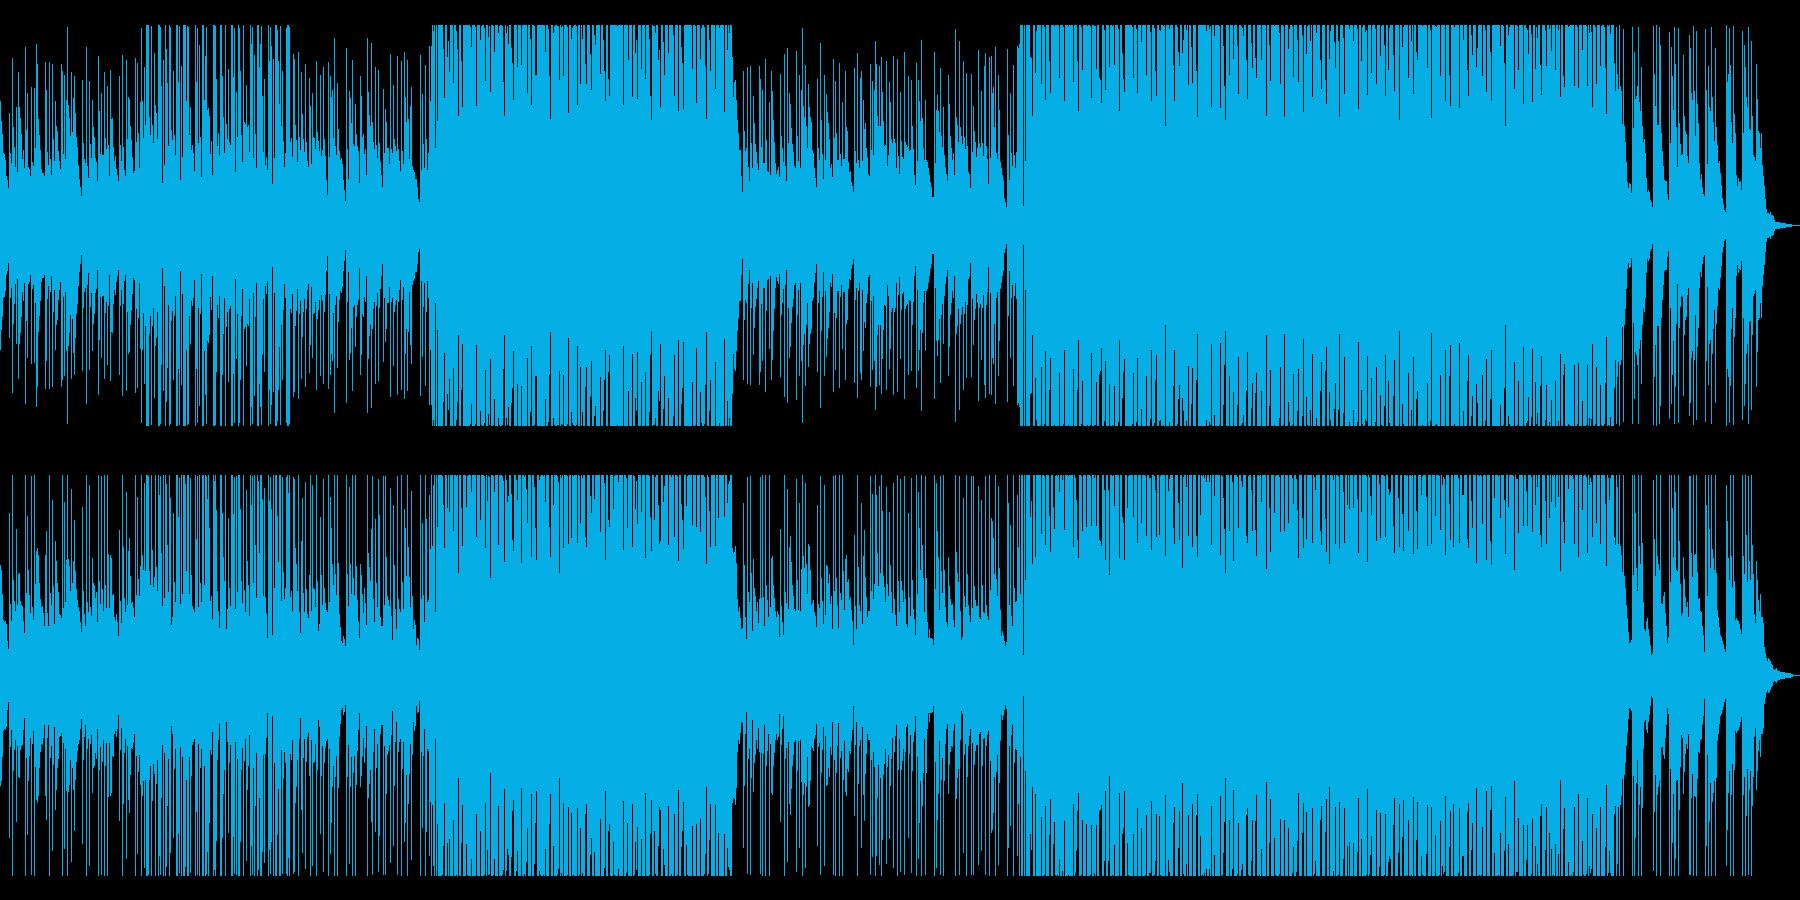 ピアノ&パーカッションさわやかポップス1の再生済みの波形